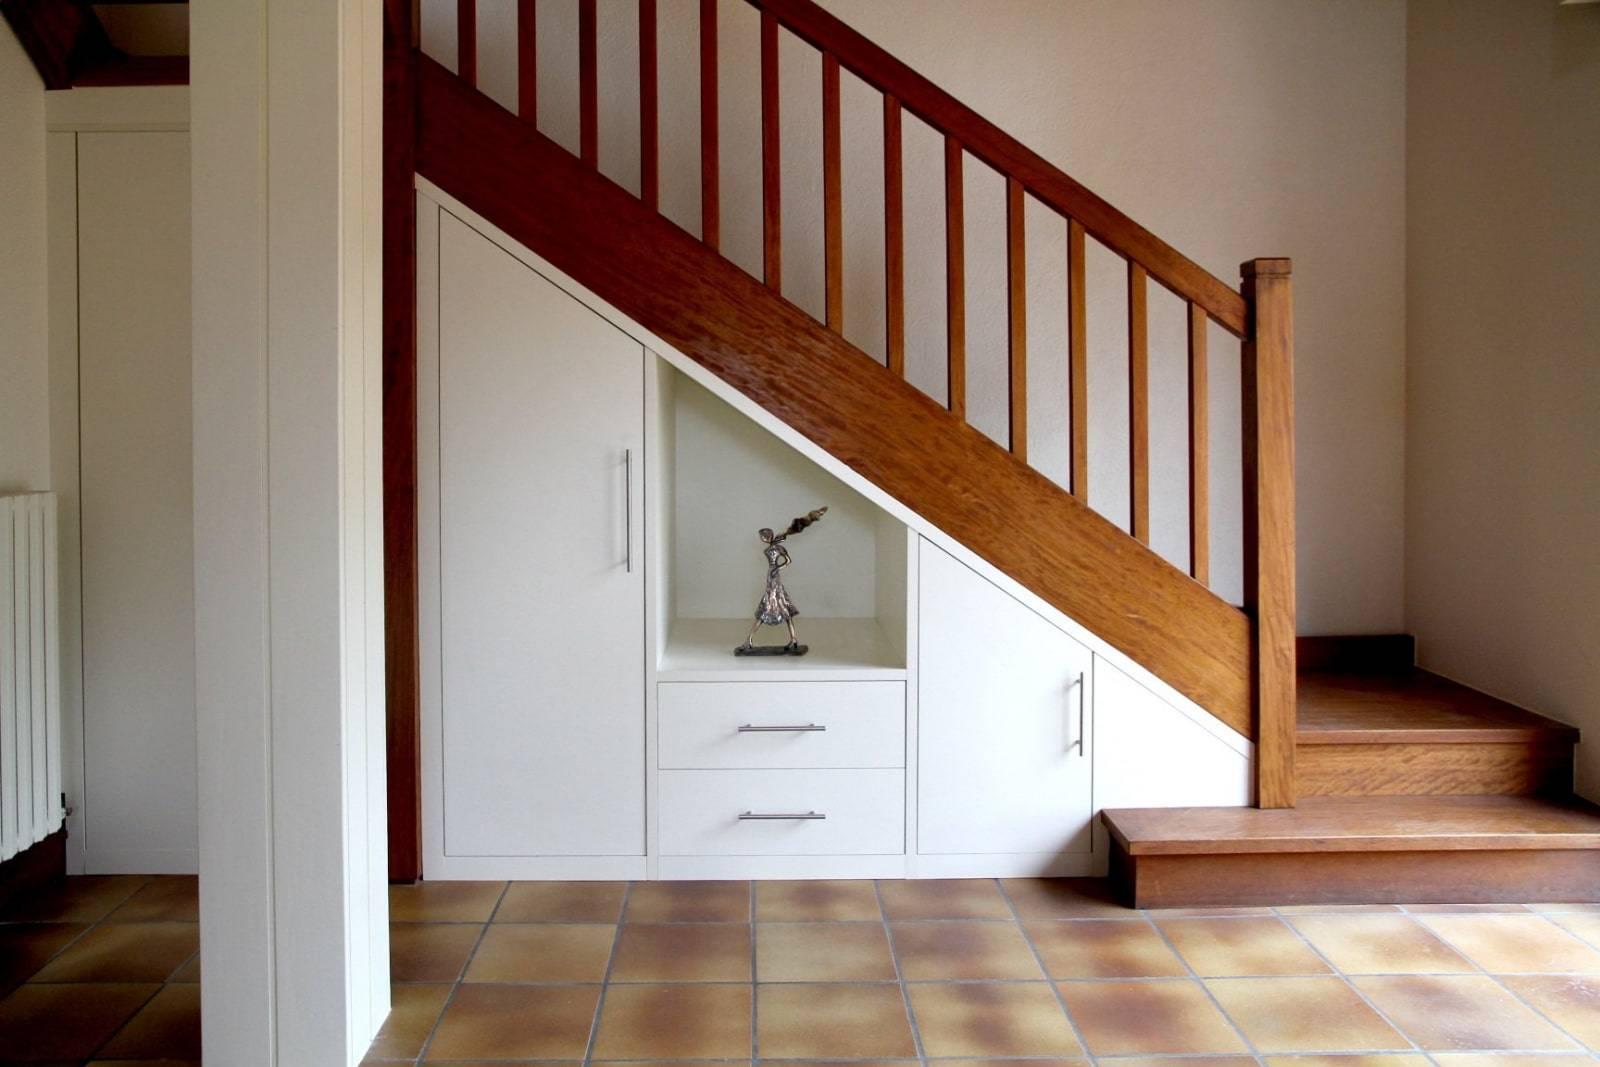 Использование пространства под лестницей: фото практичных решений использование пространства под лестницей: фото практичных решений